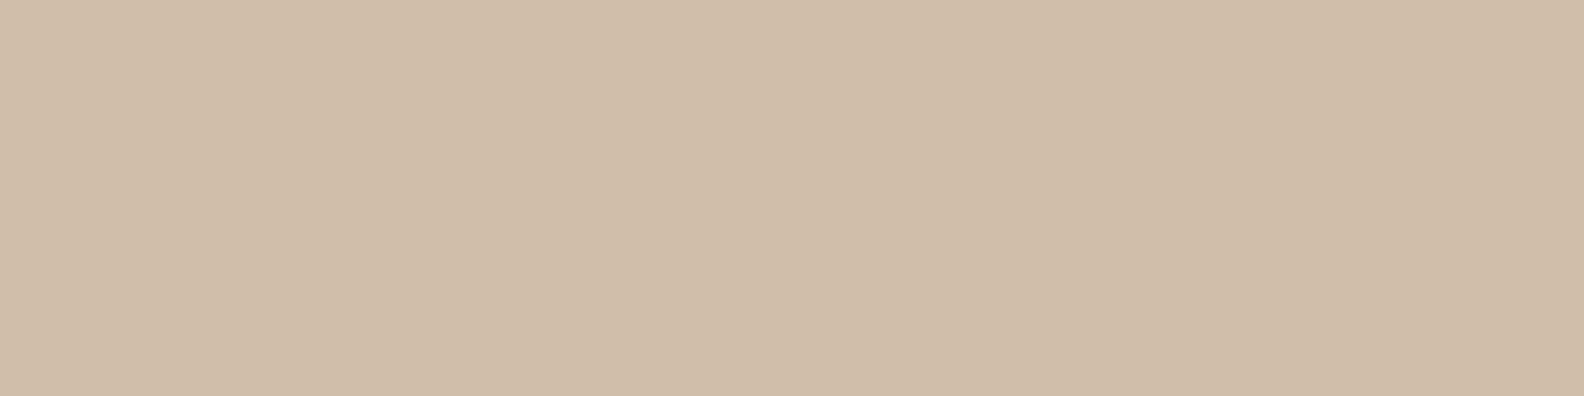 1584x396 Dark Vanilla Solid Color Background